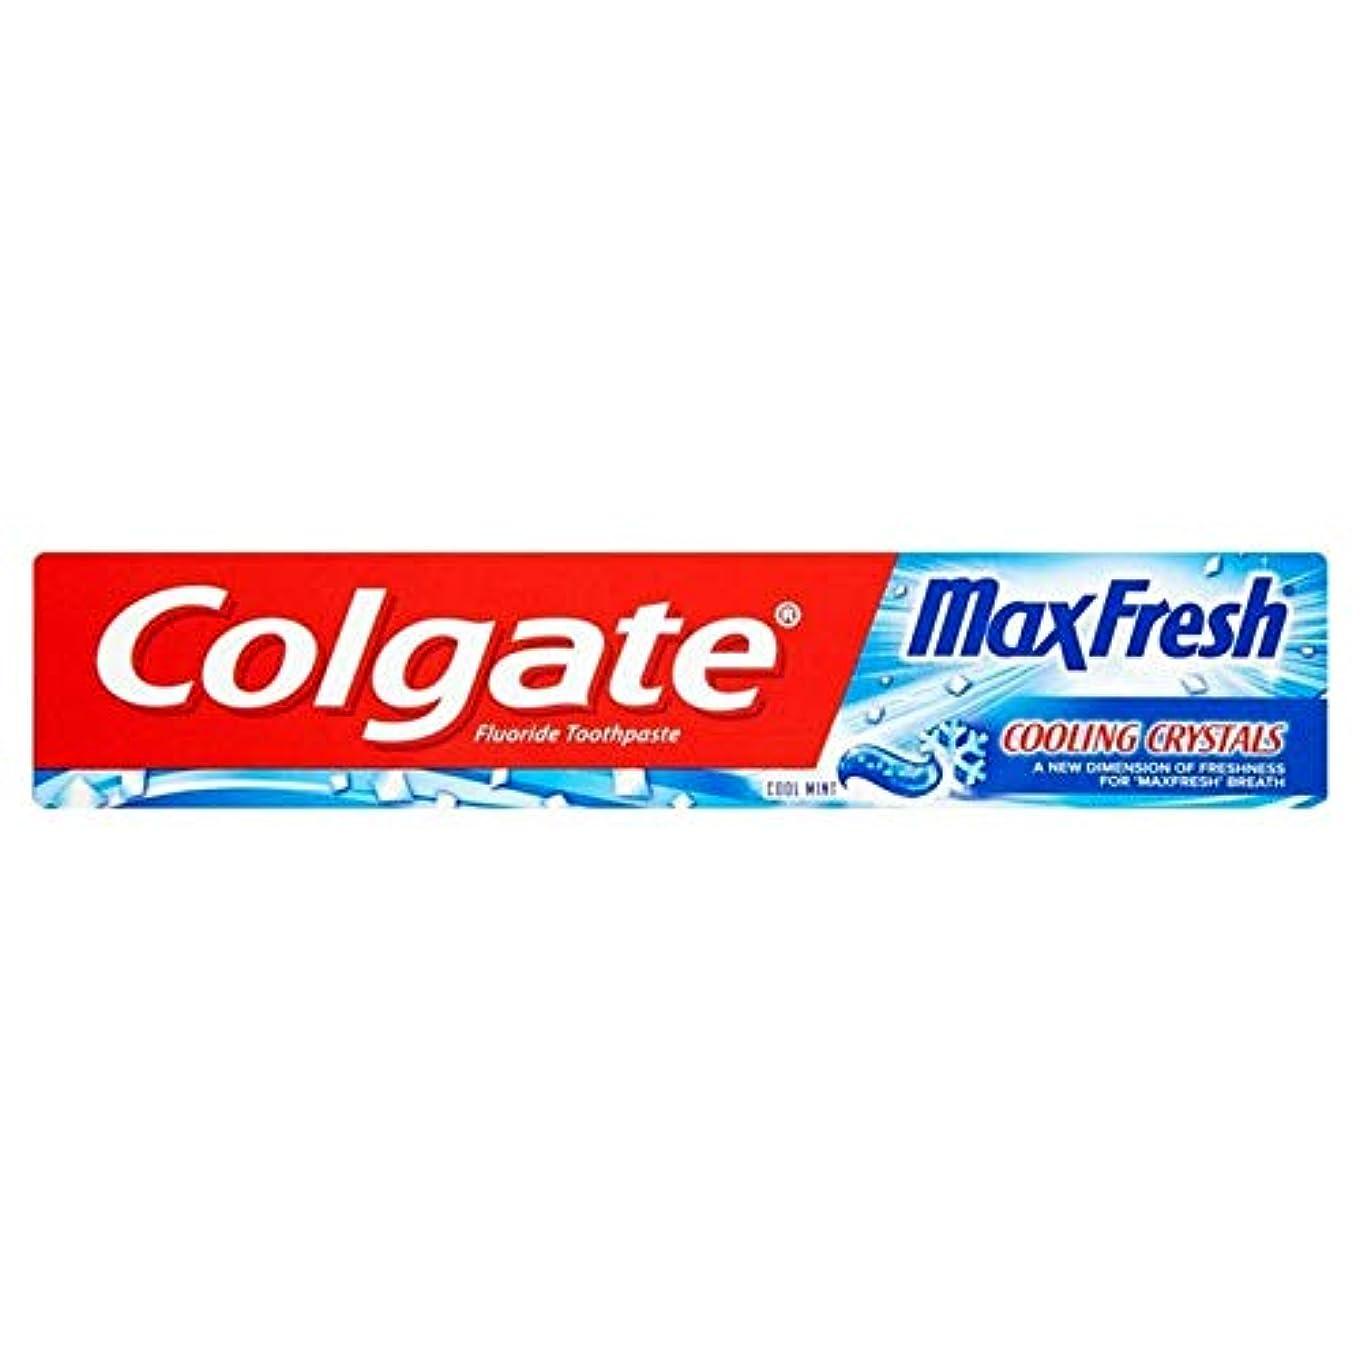 メロドラマティックレディ思想[Colgate ] 冷却結晶歯磨き粉75ミリリットル新鮮なコルゲートマックス - Colgate Max Fresh with Cooling Crystals Toothpaste 75ml [並行輸入品]